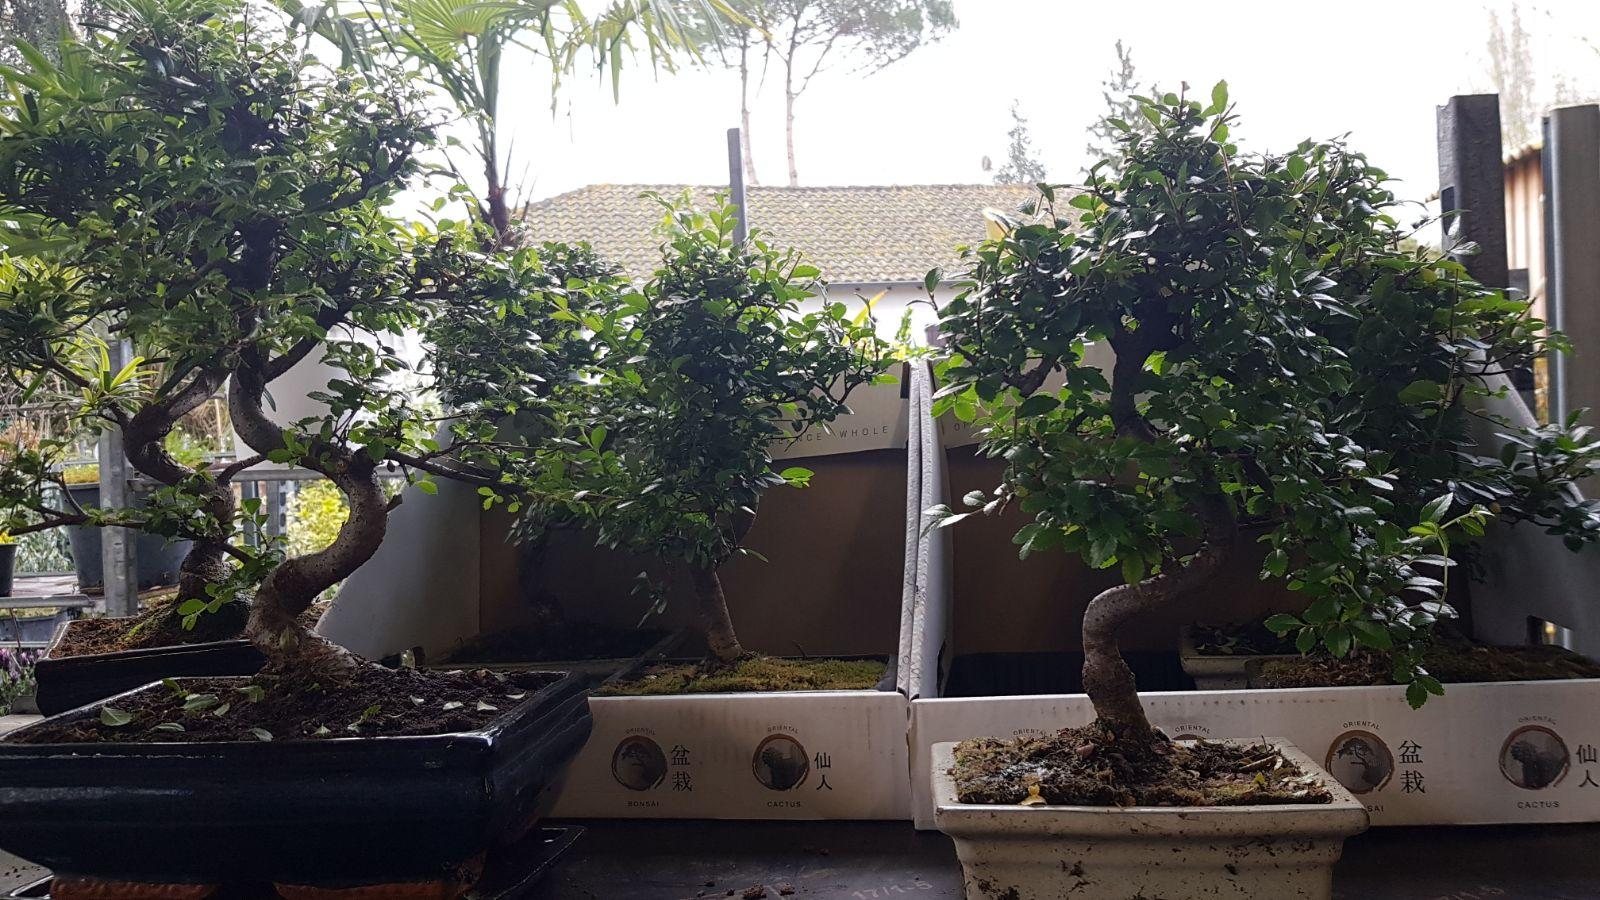 bax destockage vegetal et horticole toulouse 31790 - 06.49.95.06.96